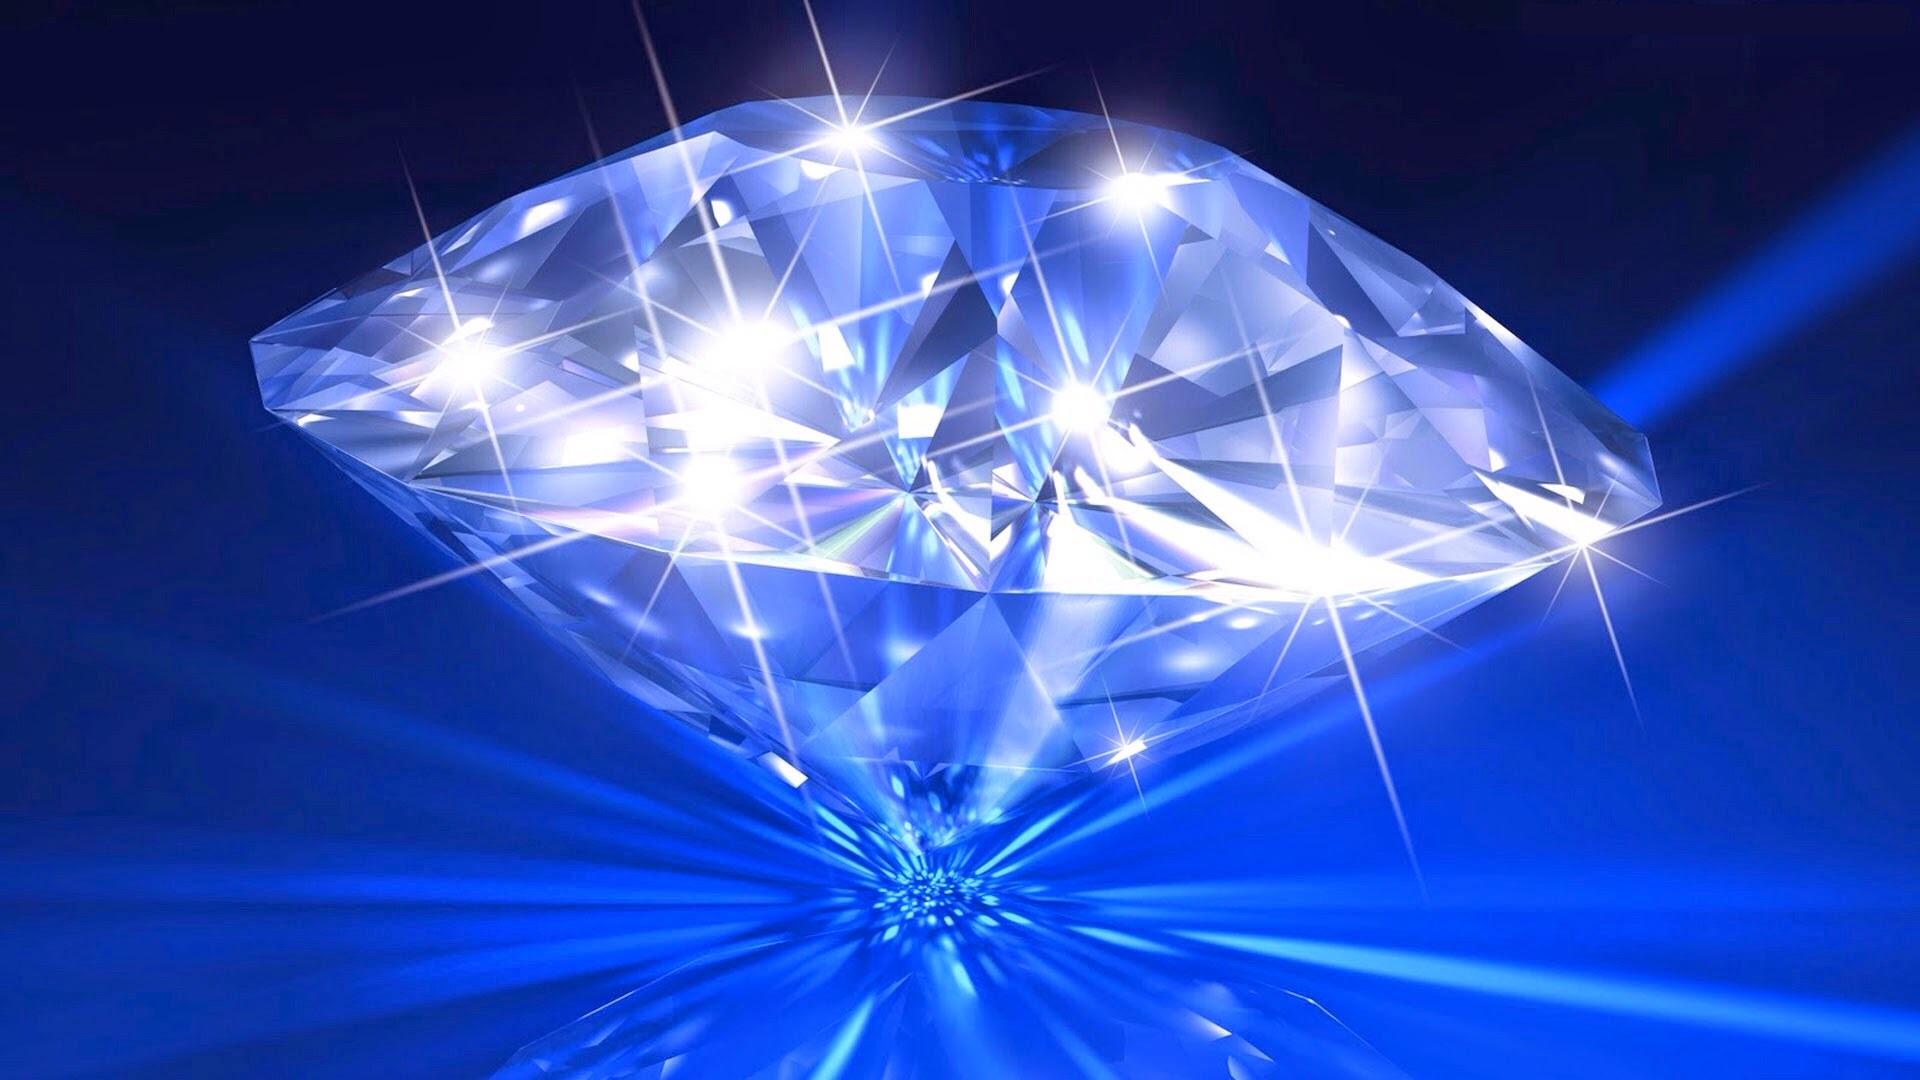 fifth diamond and night comparison